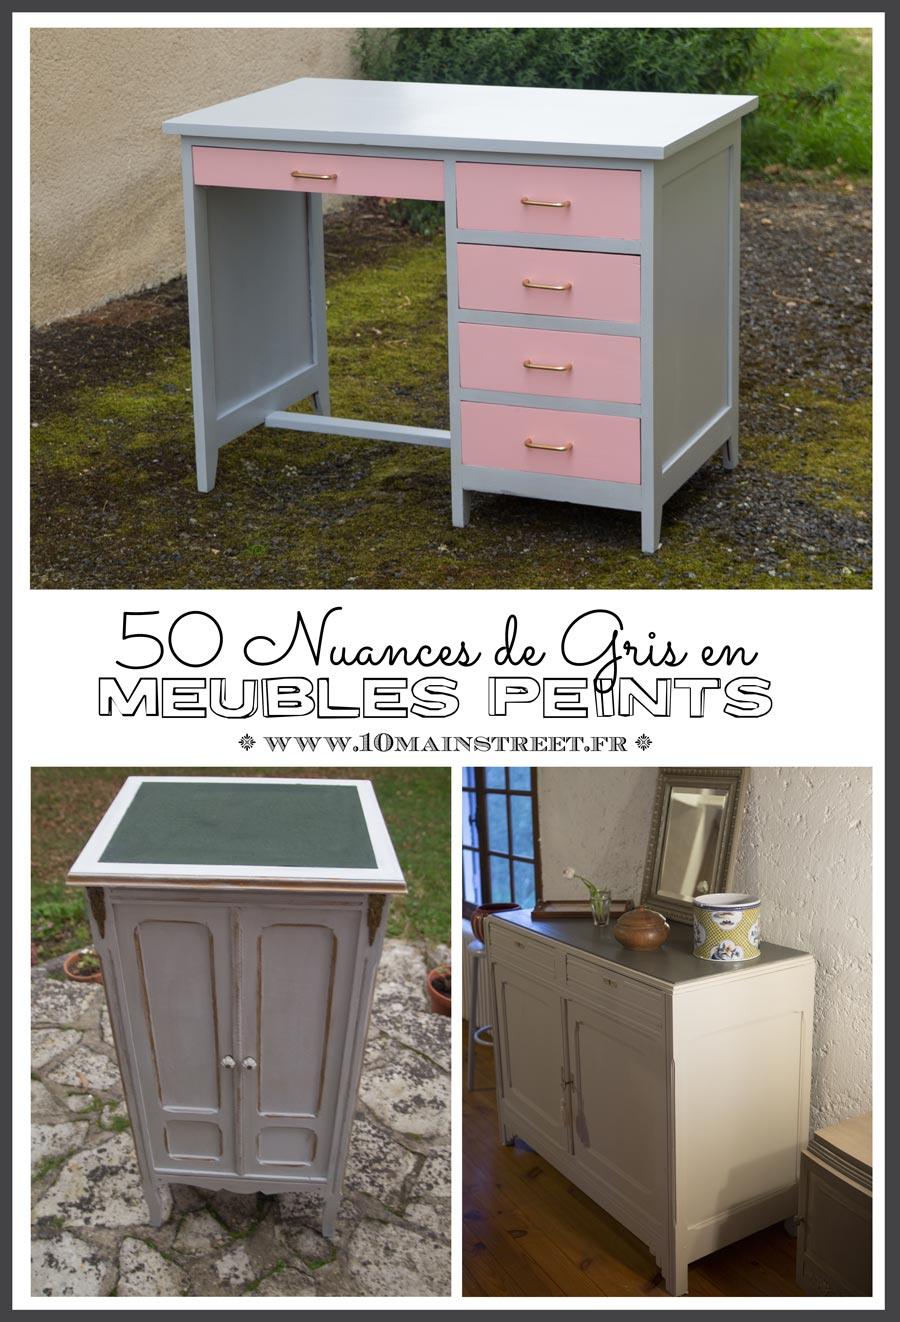 50 nuances de gris en meubles peints possibilit s infinies. Black Bedroom Furniture Sets. Home Design Ideas